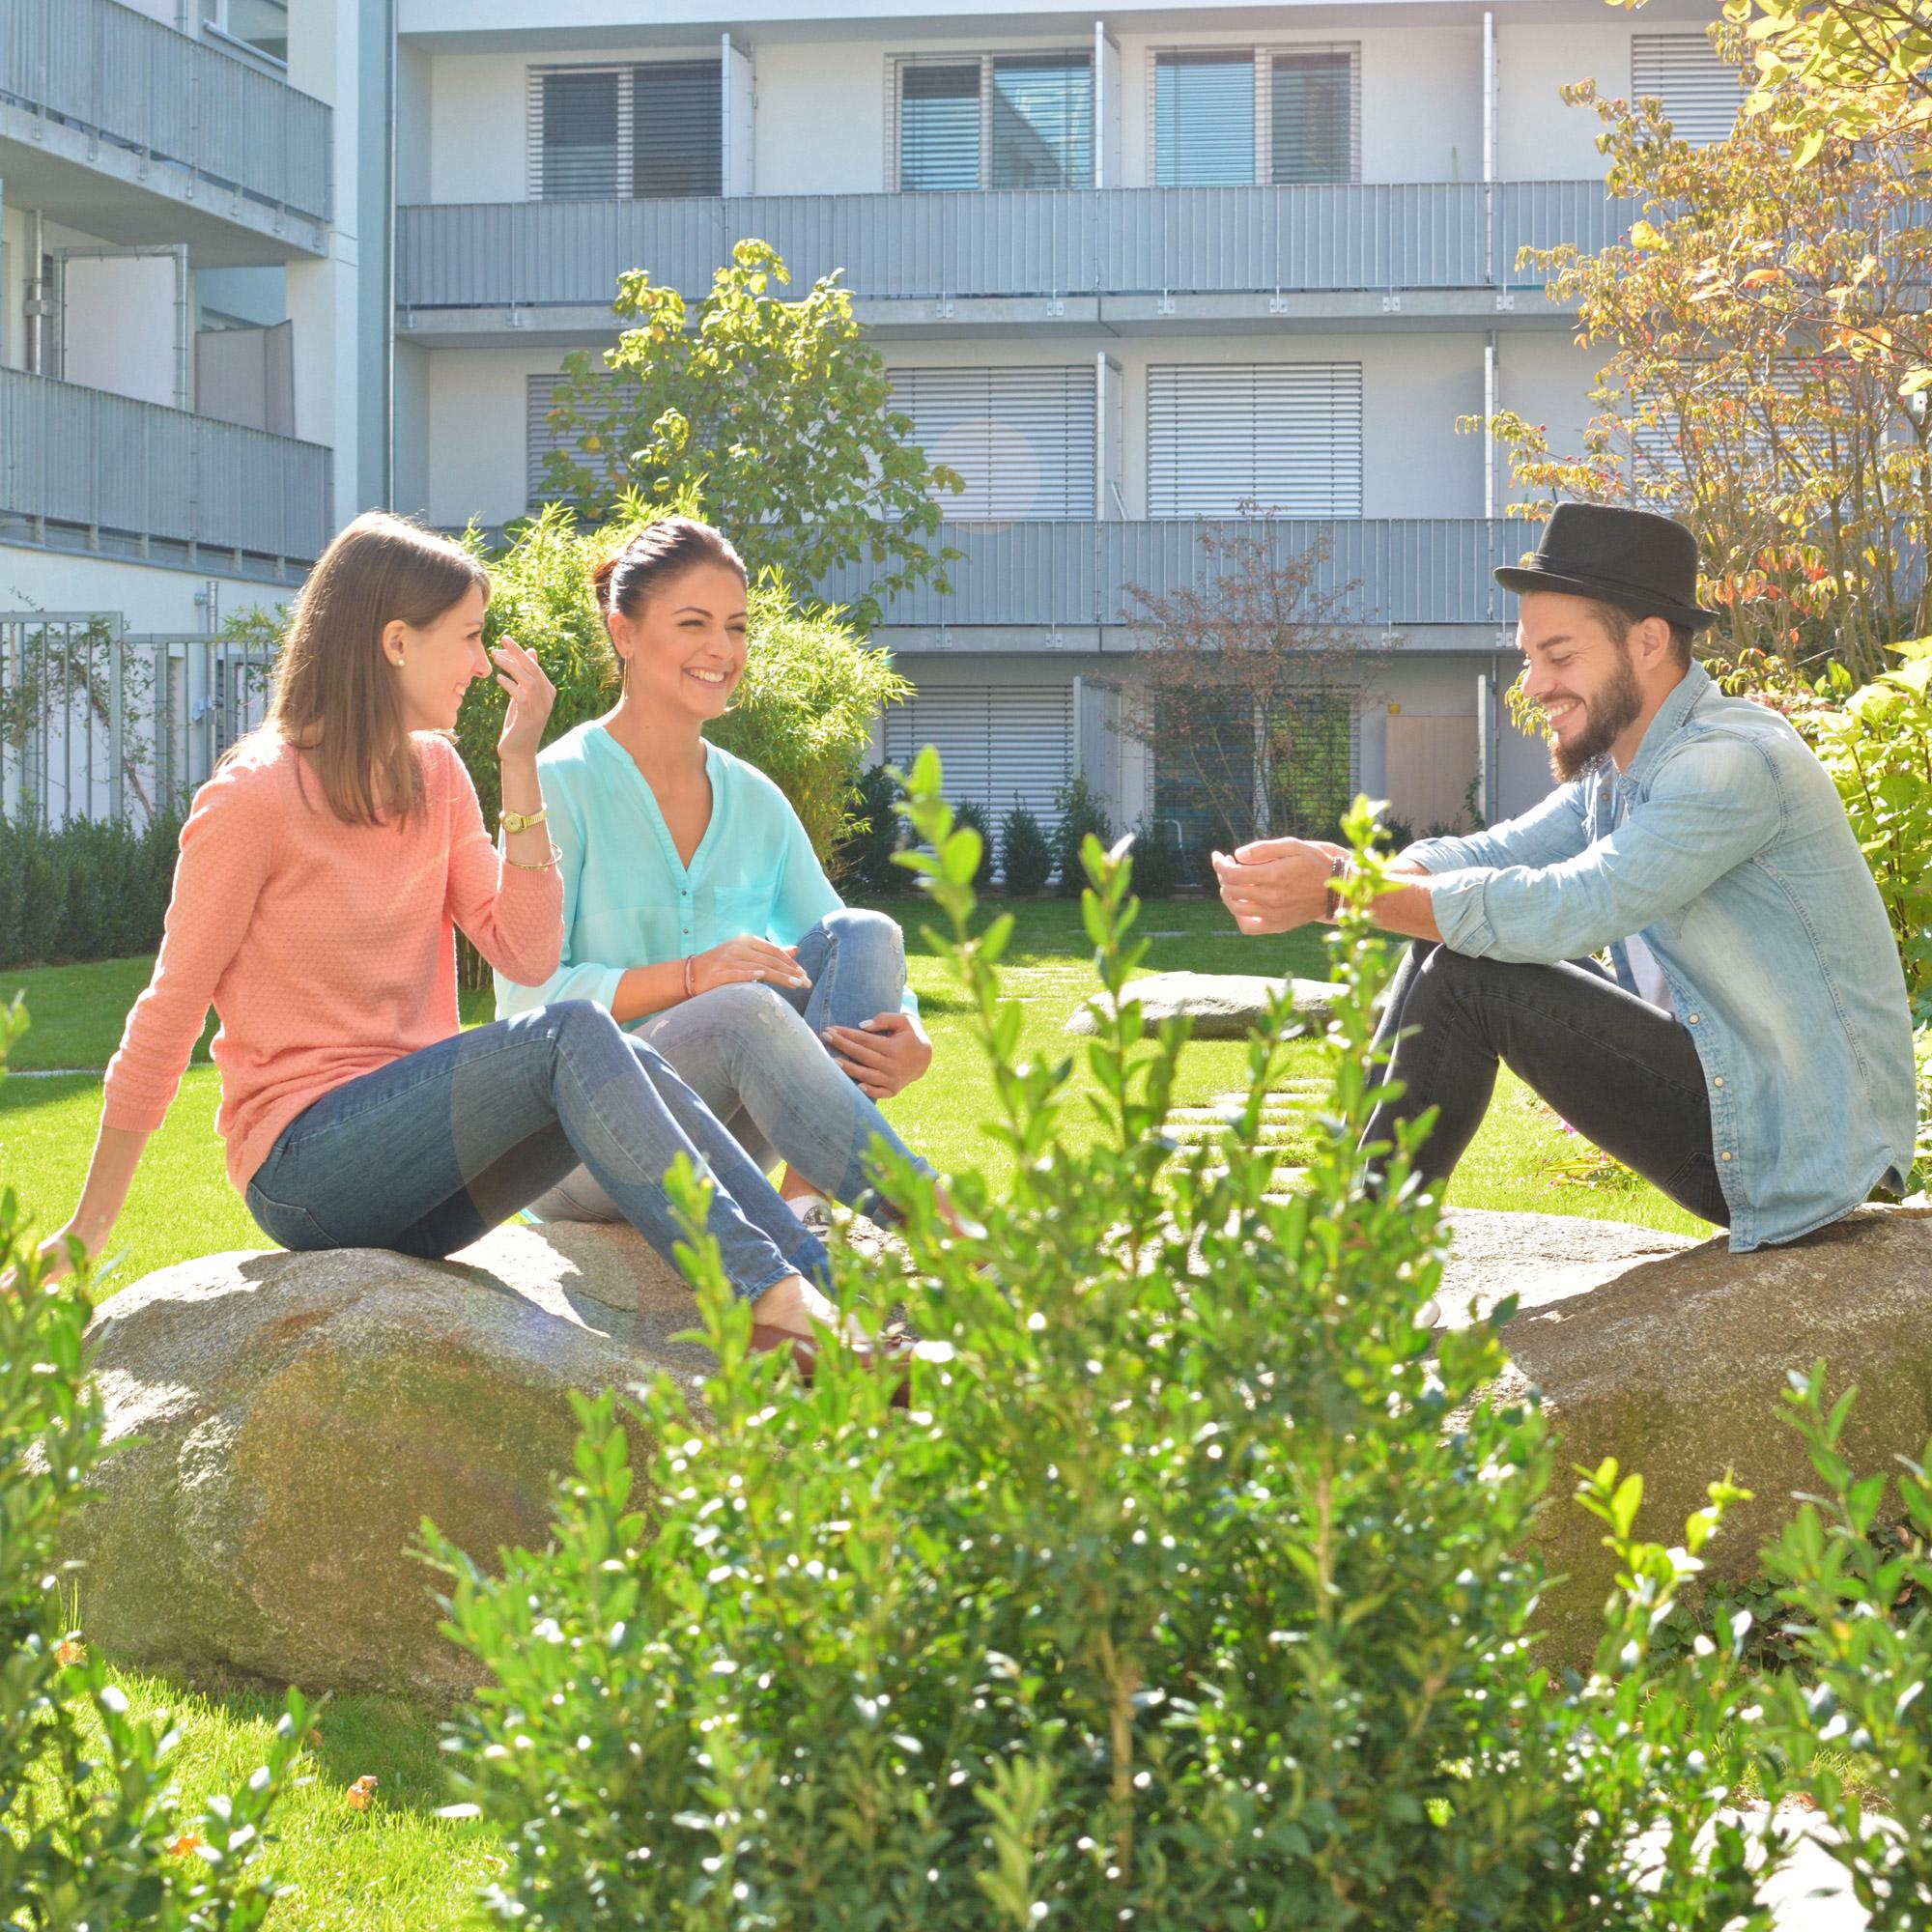 Begrünter Innenhof mit Garten im studiosus 3 in München-Moosach